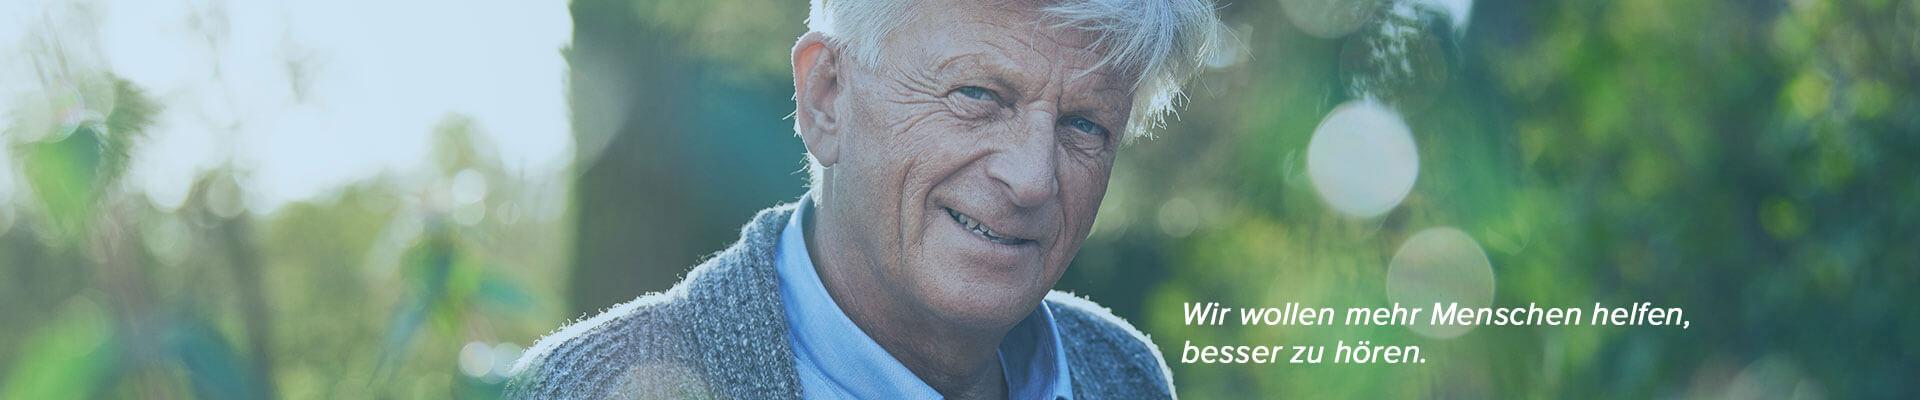 Porträt von einem älteren Herrn im Garten